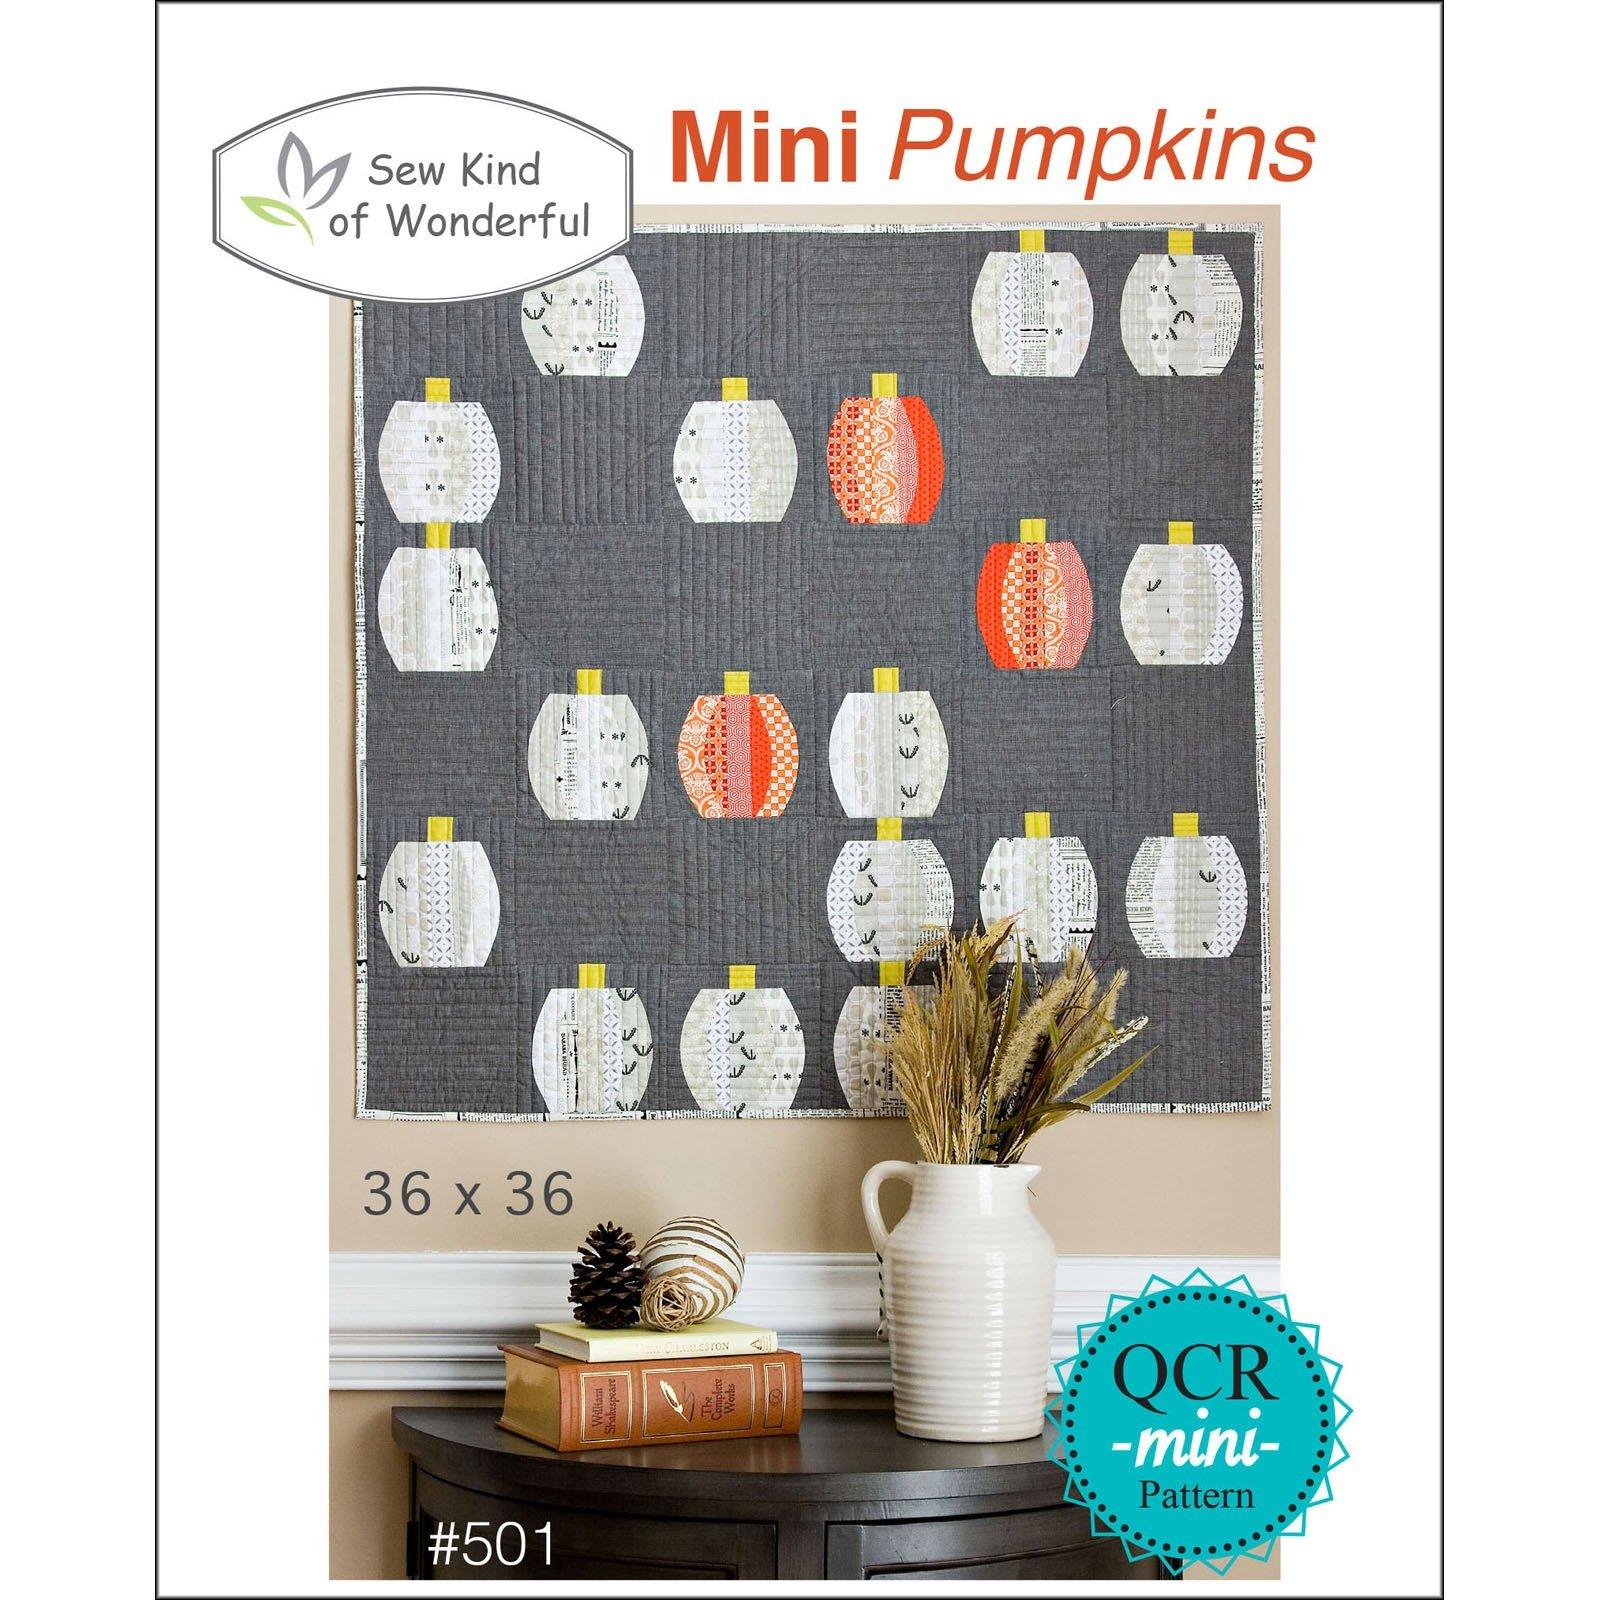 Mini Pumpkins Pattern - Sew Kind of Wonderful